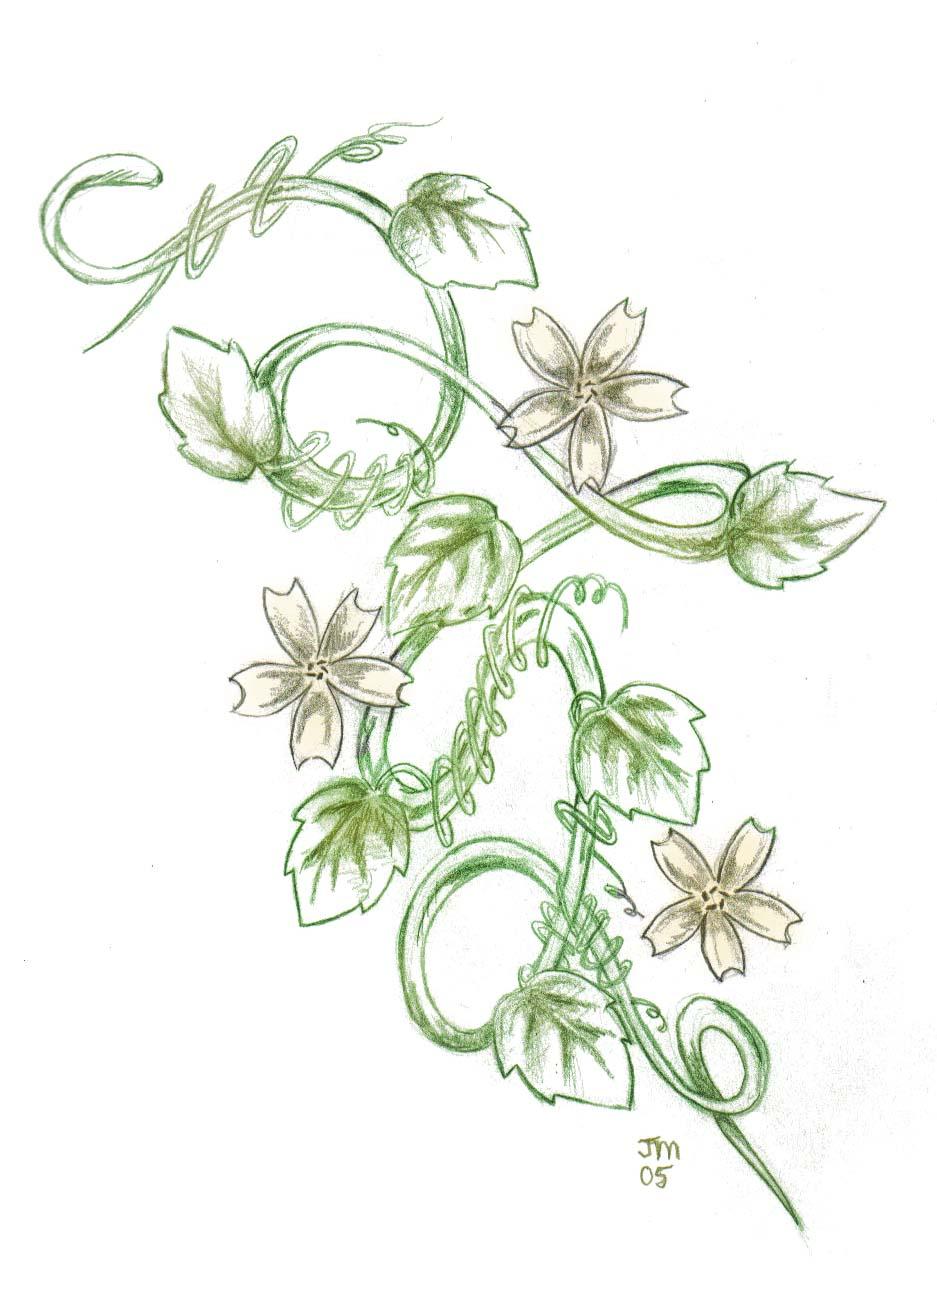 green ink vine flowers tattoo design by jesse. Black Bedroom Furniture Sets. Home Design Ideas